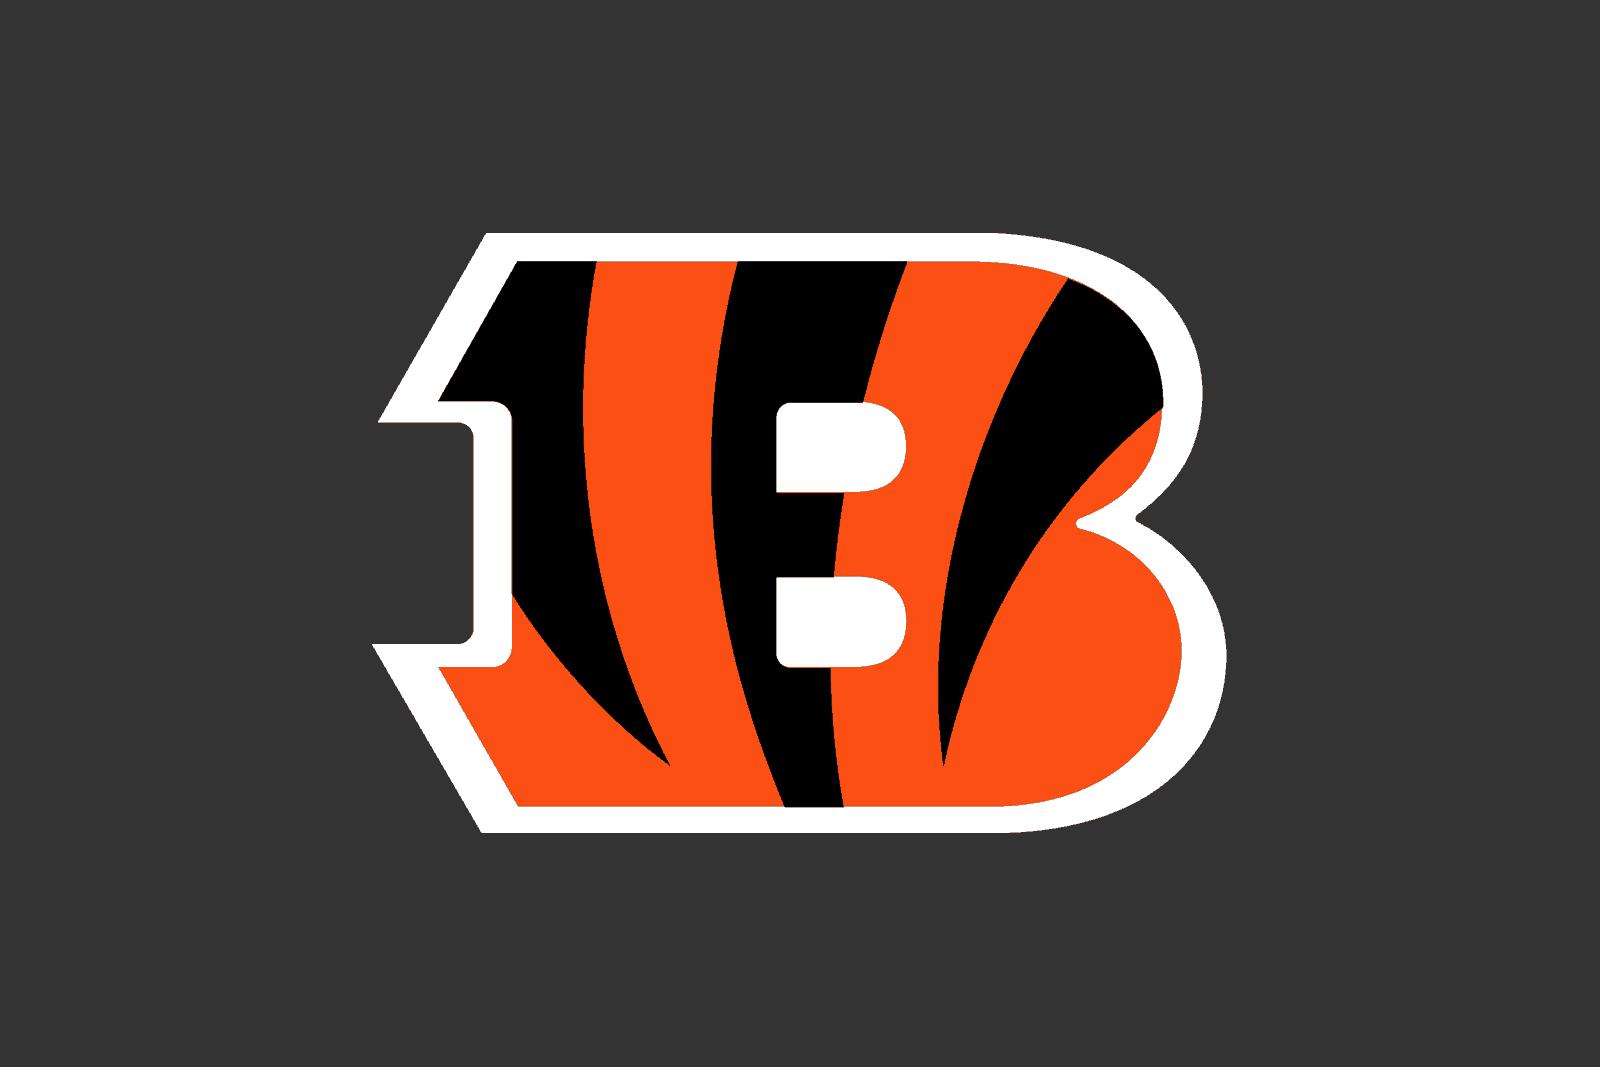 2019 Cincinnati Bengals Schedule